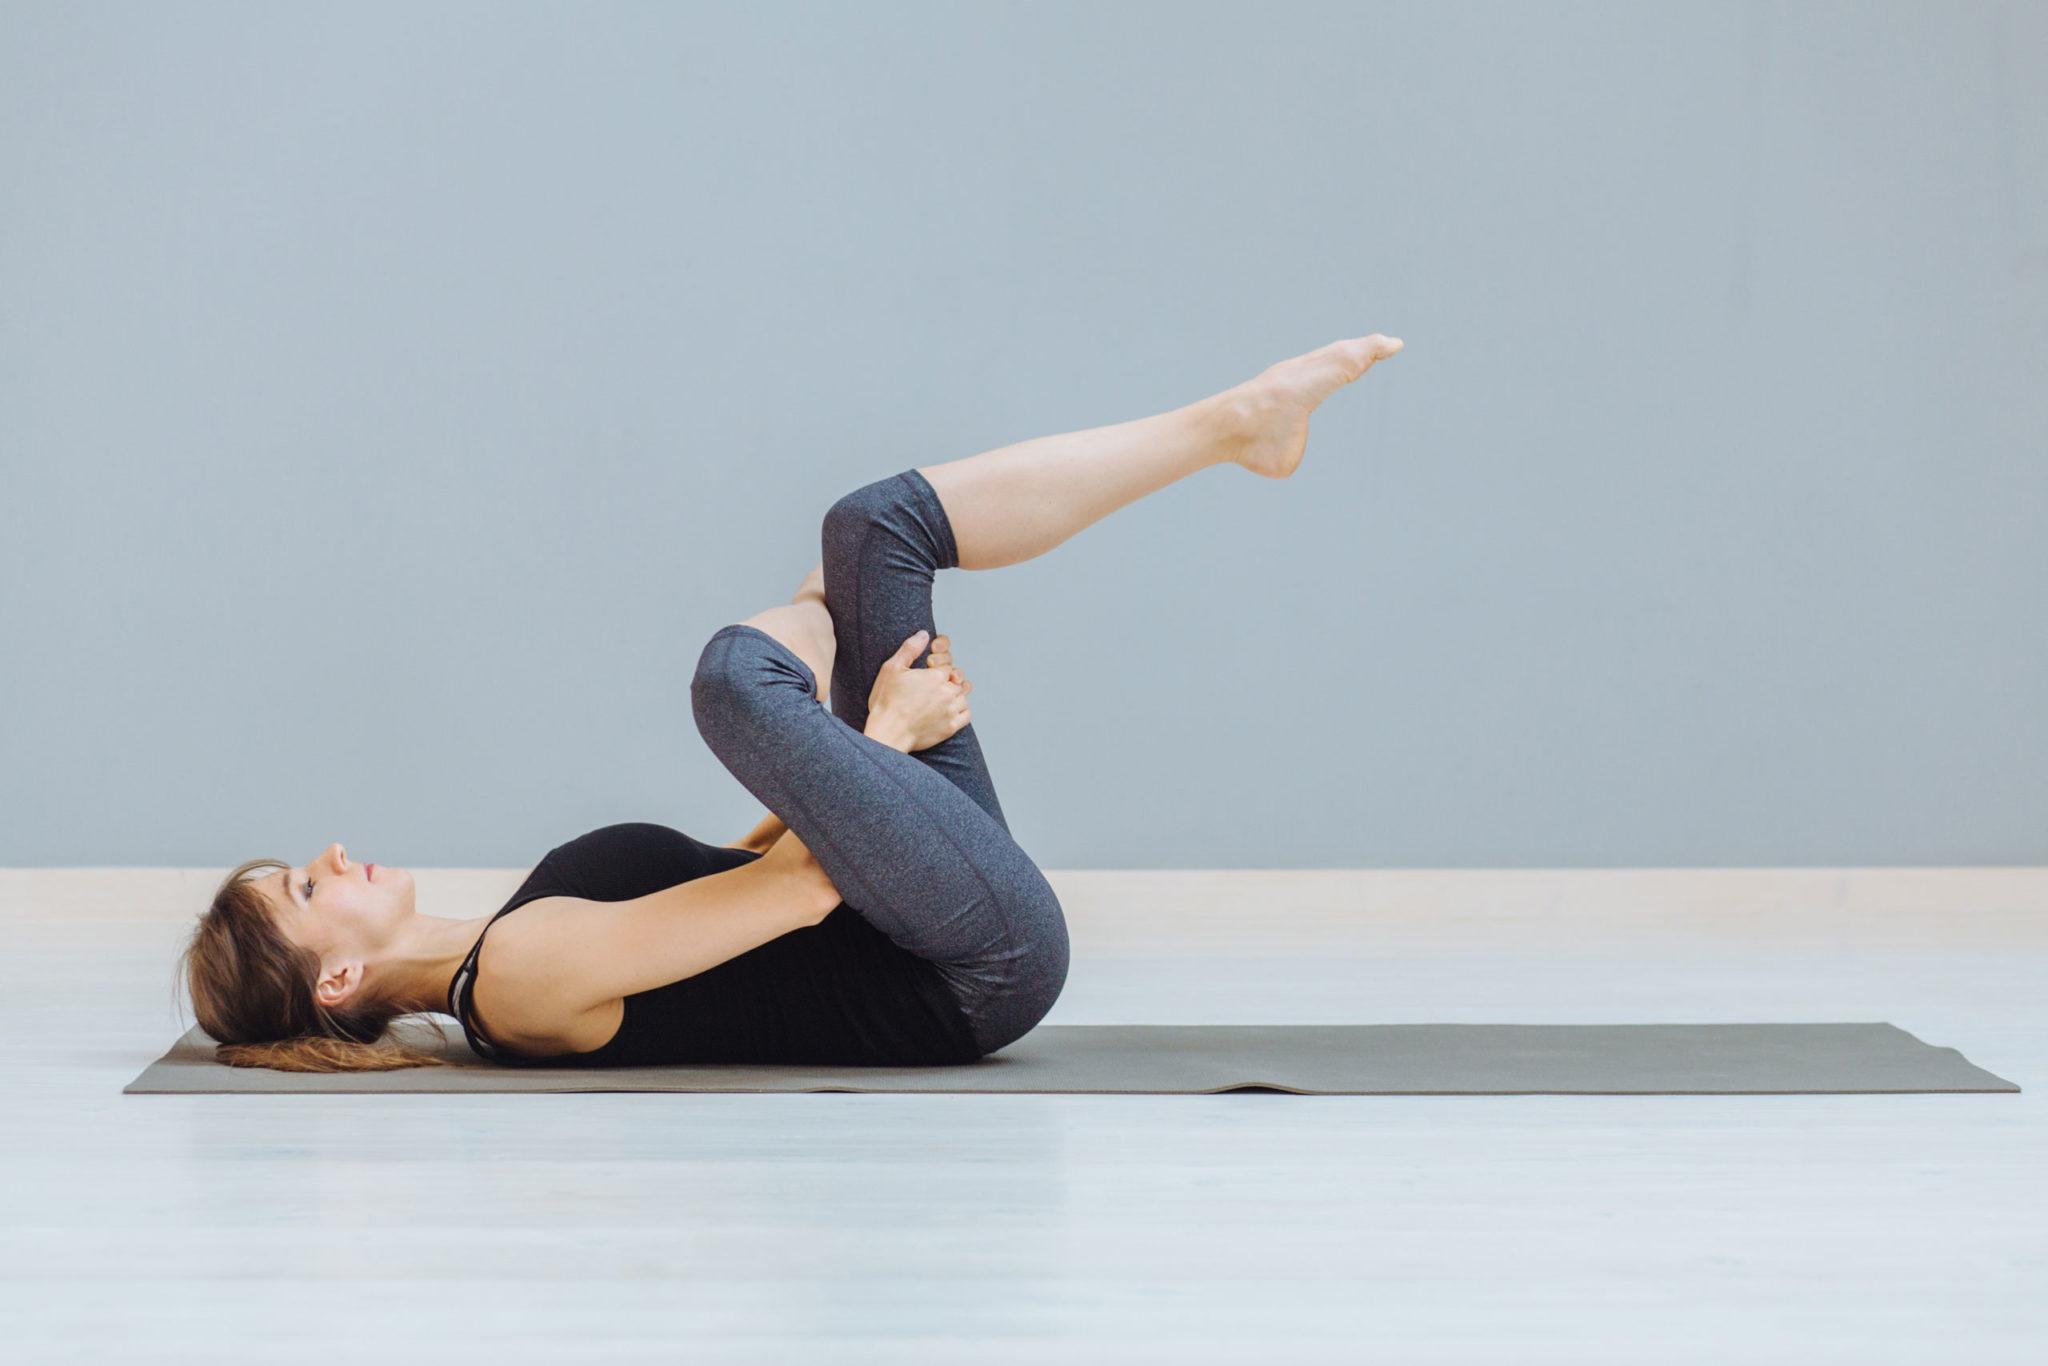 Kobieta wykonuje ćwiczenie na macie